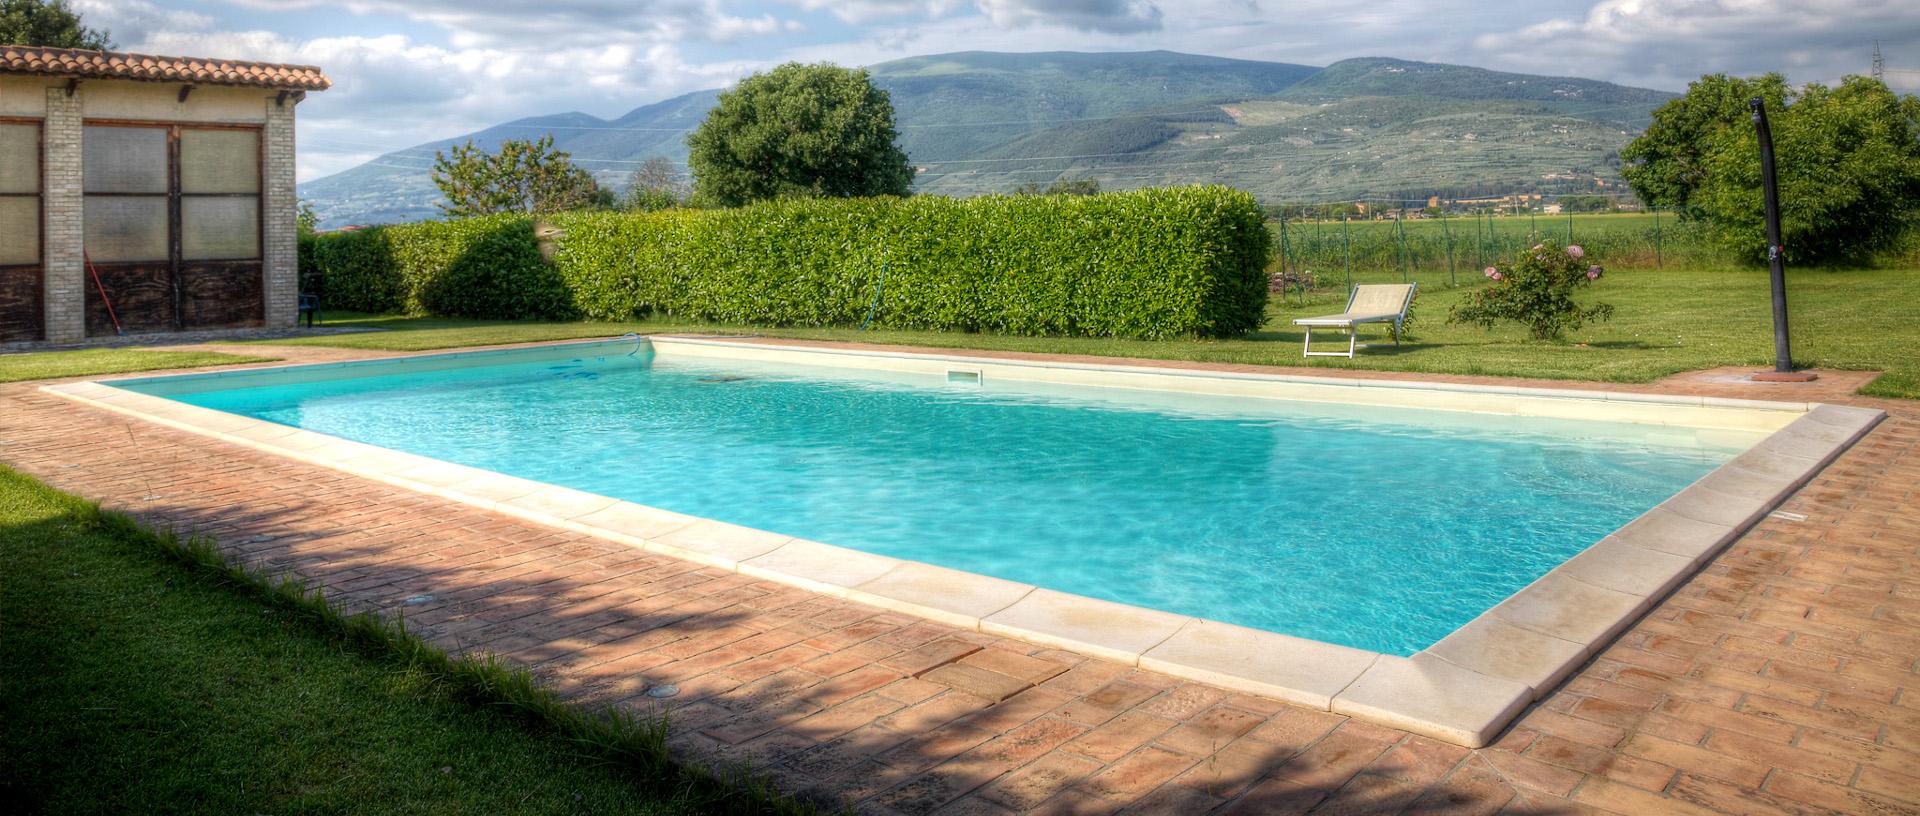 bed and breakfast a spello-la piscina di giorno del b&b le ghiande a spello nel panorama della campagna umbra